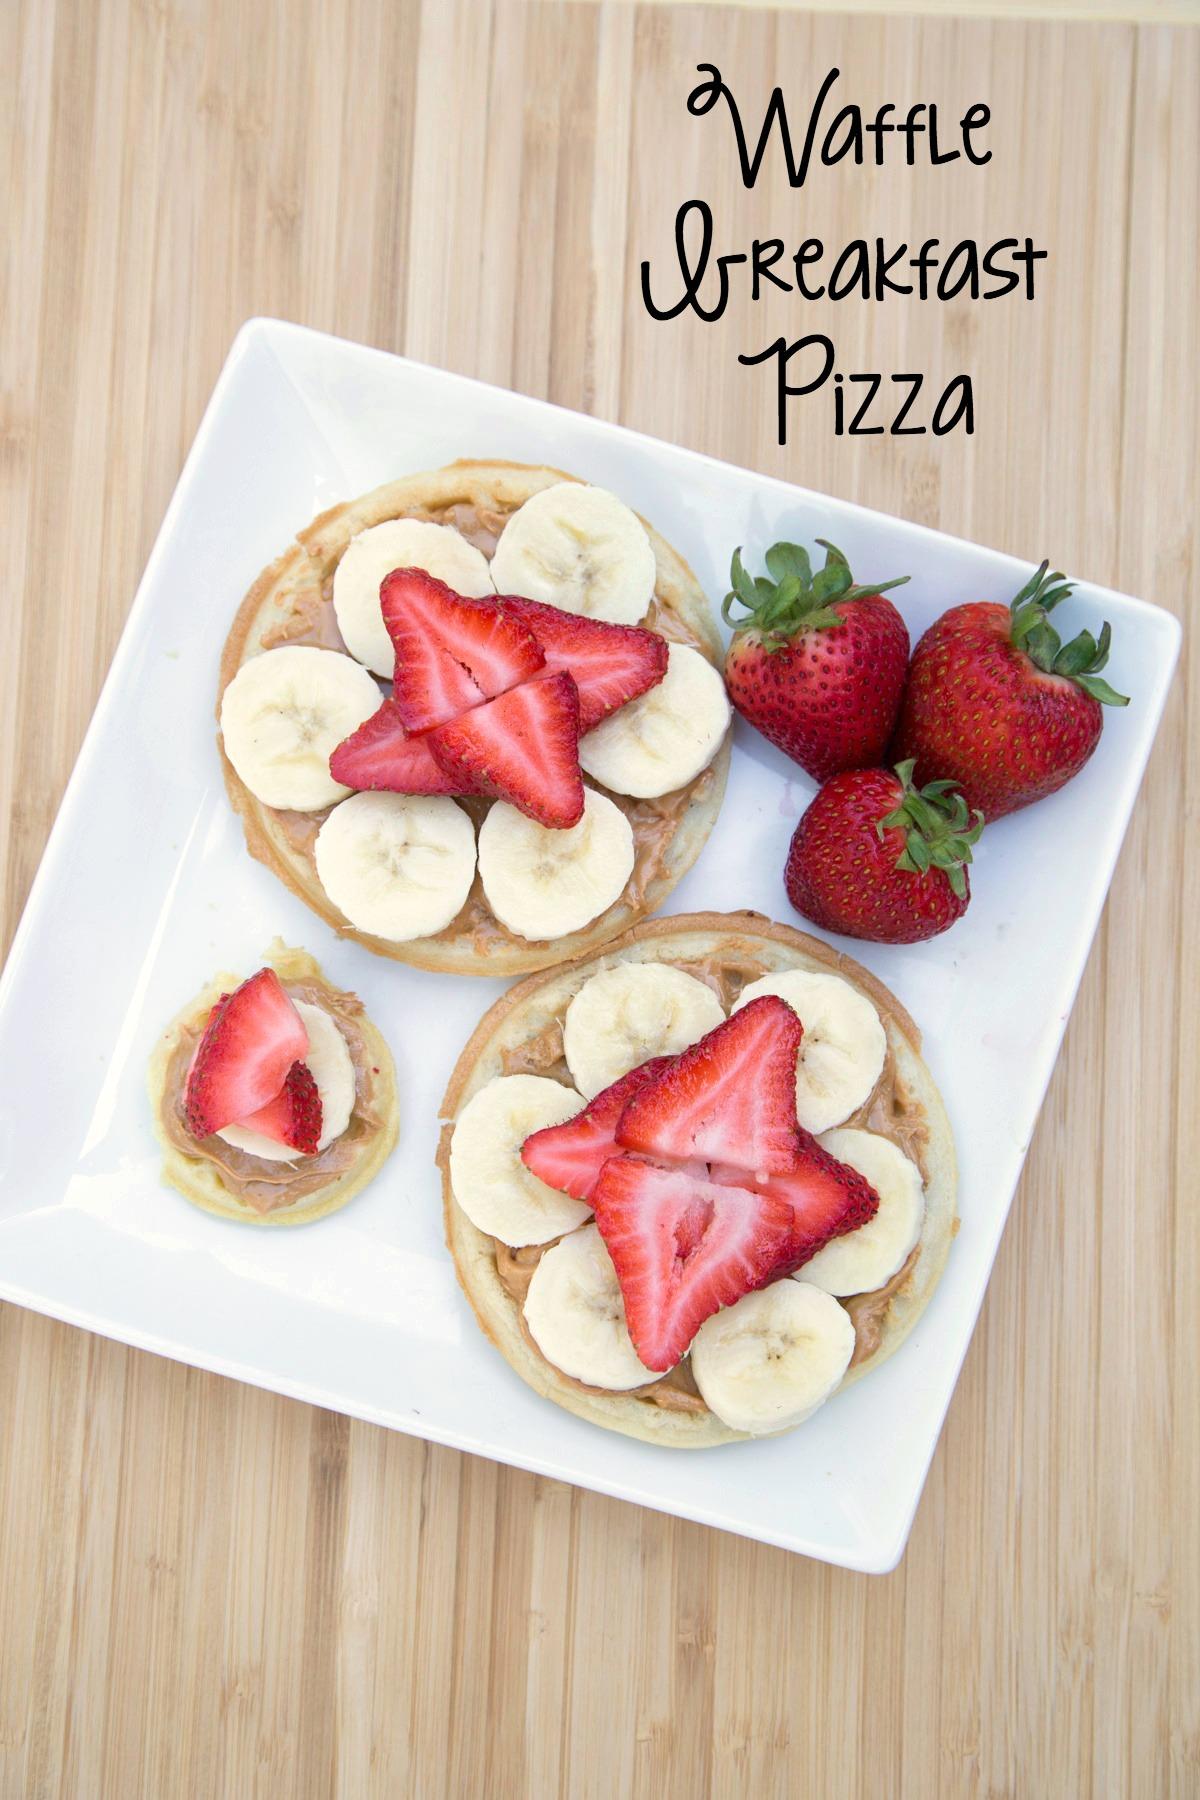 5 Ingredient Waffle Breakfast Pizza